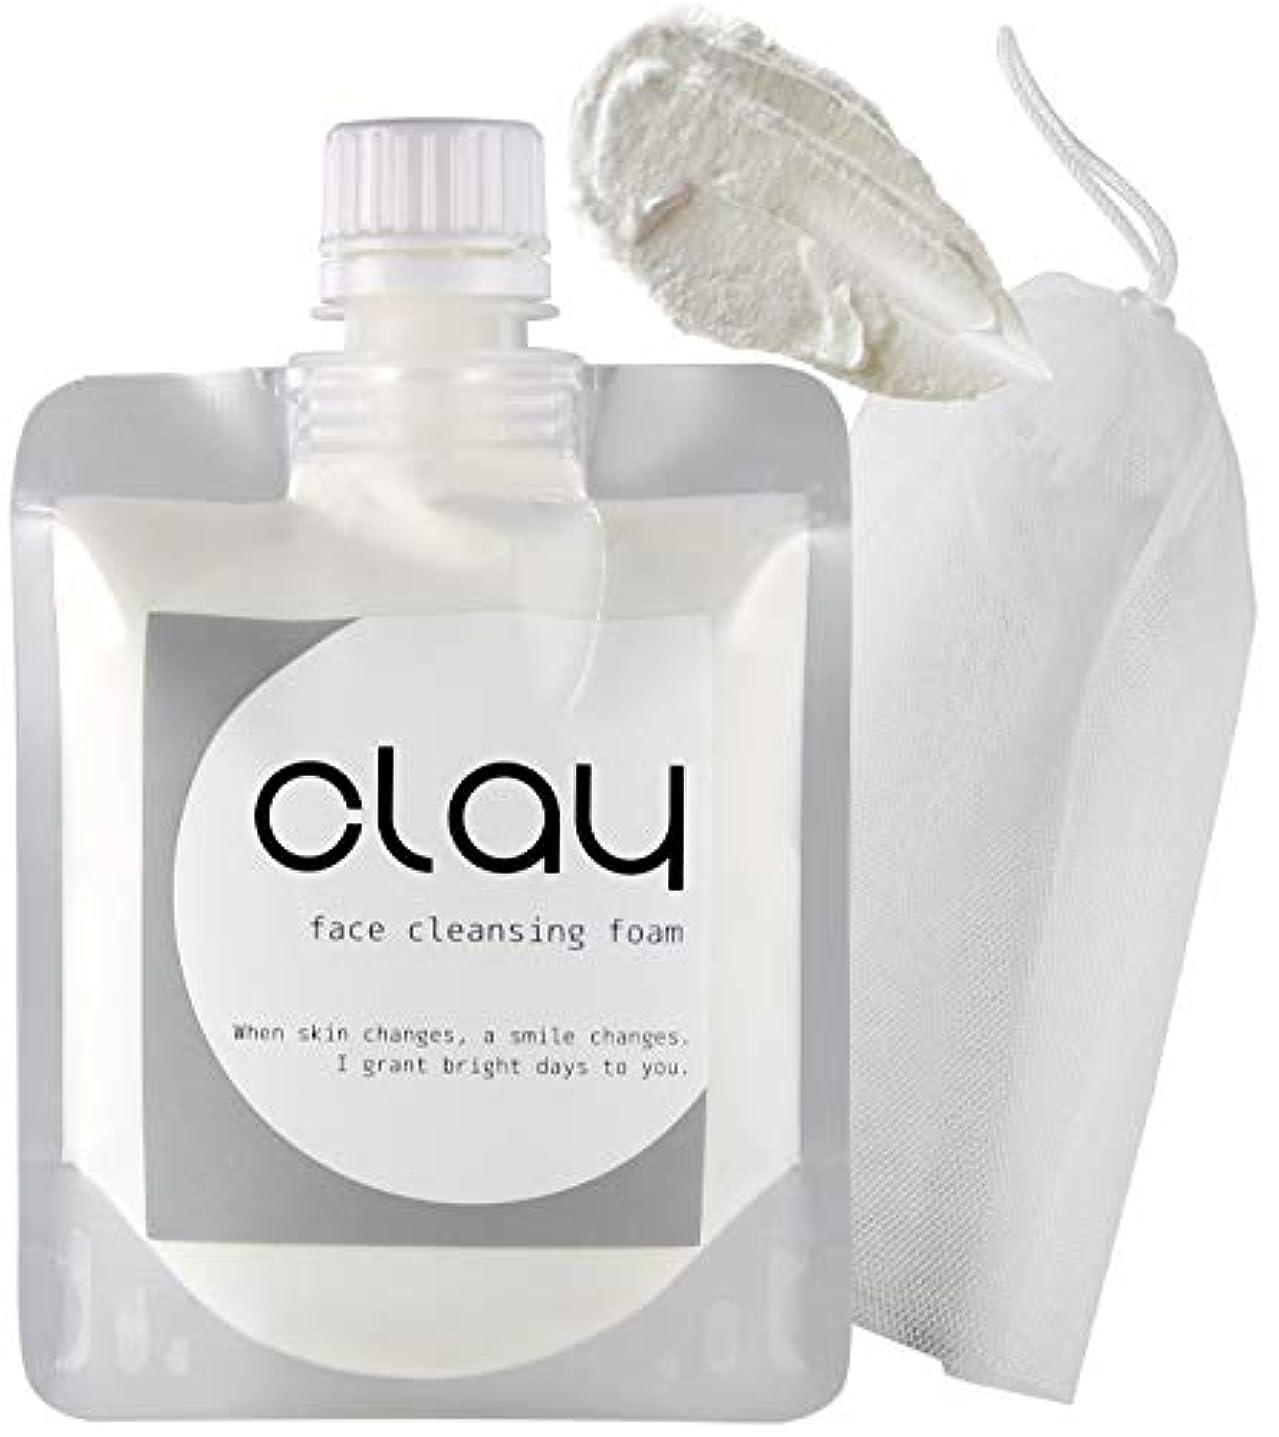 十分読みやすい線STAR'S クレイ 泥 洗顔 オーガニック 【 毛穴 黒ずみ 開き ザラ付き 用】「 泡 ネット 付き」 40種類の植物エキス 16種類の美容成分 9つの無添加 透明感 柔肌 130g (Clay)